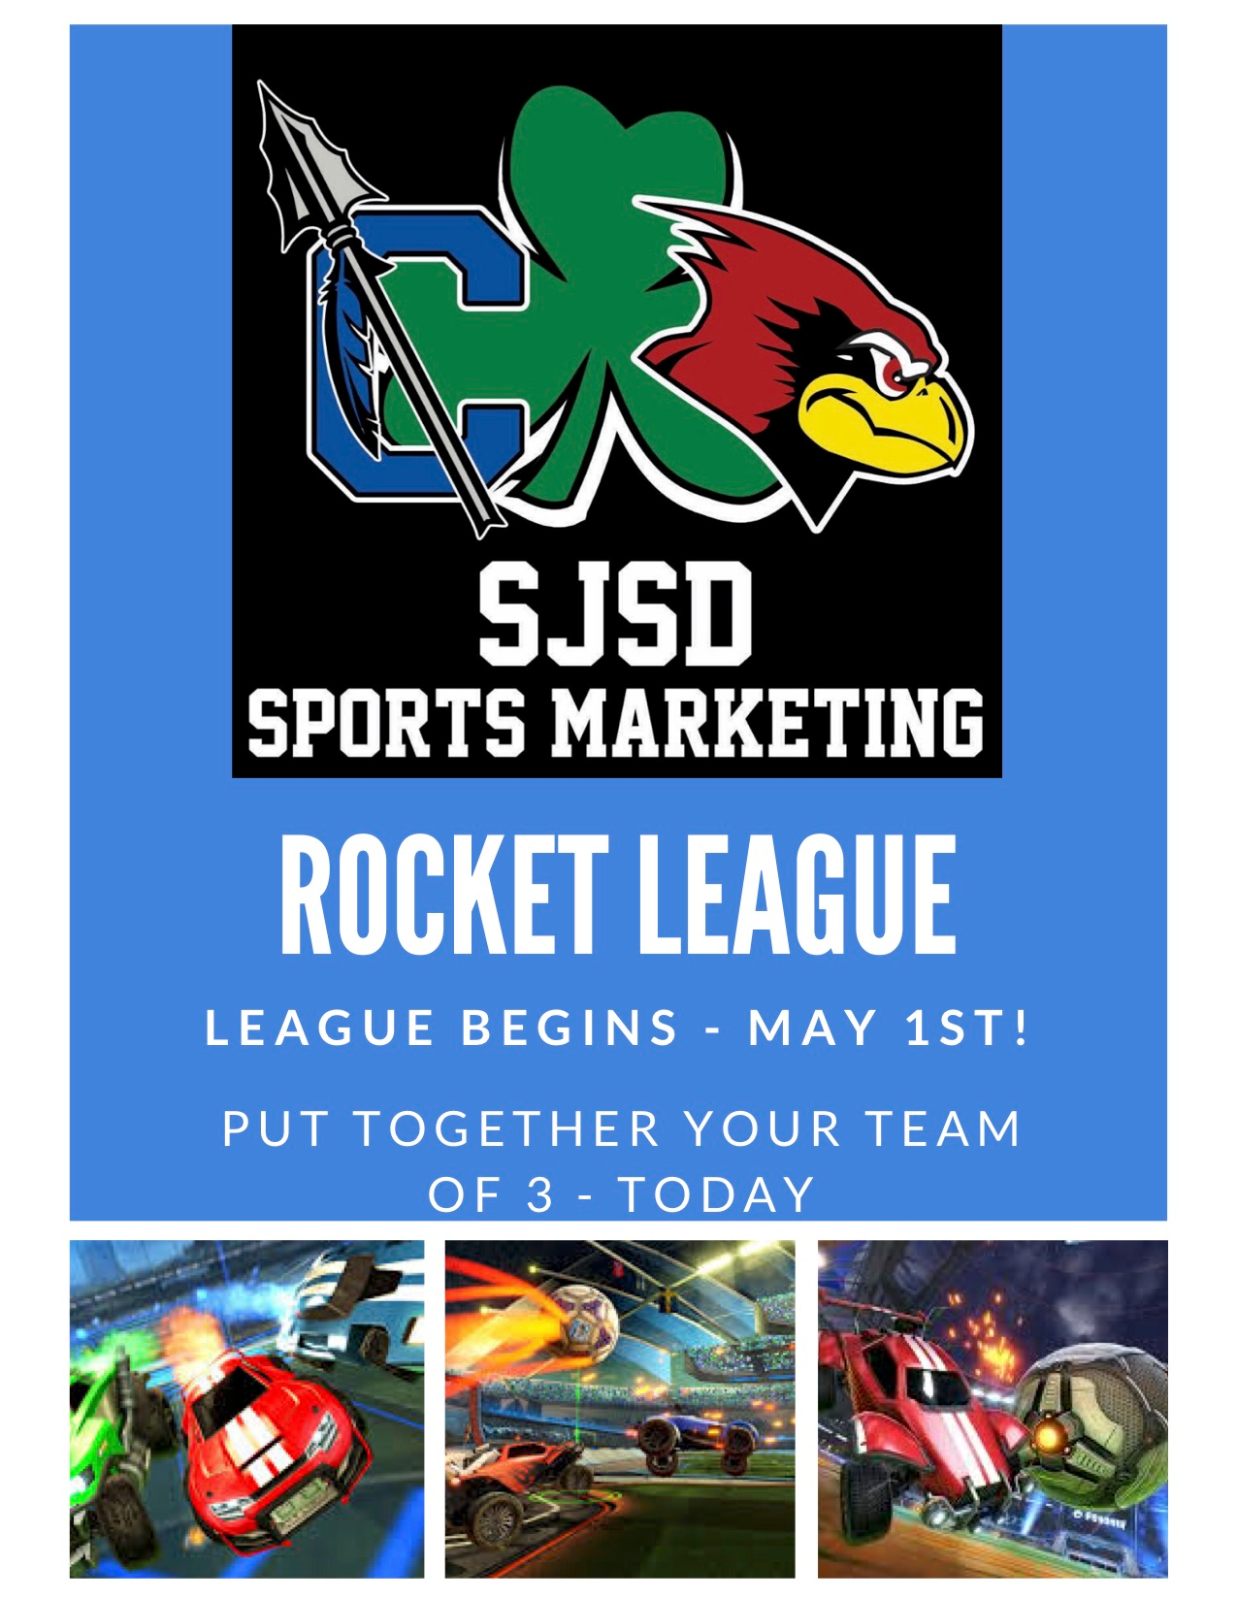 2019-2020 SJSD Sports Marketing Rocket League